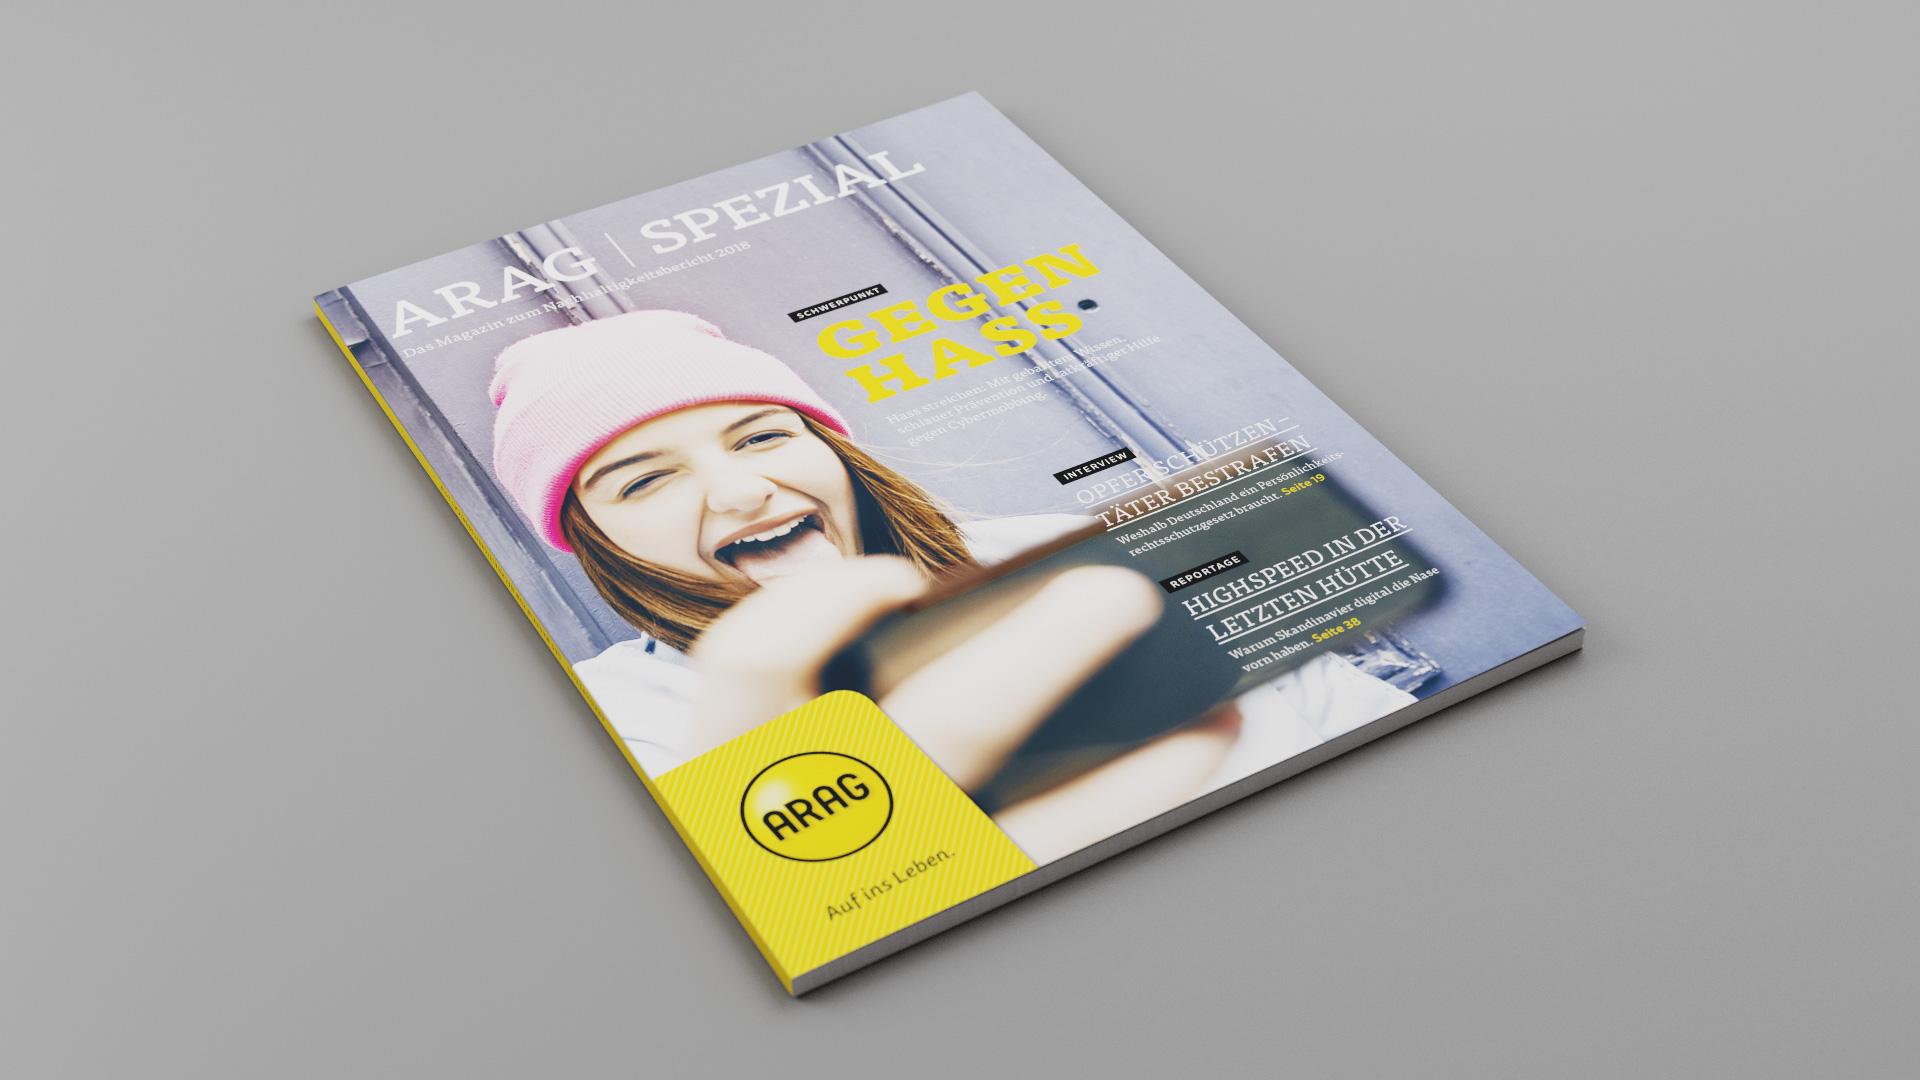 ARAG_NB_2018_Magazin_Cover_00